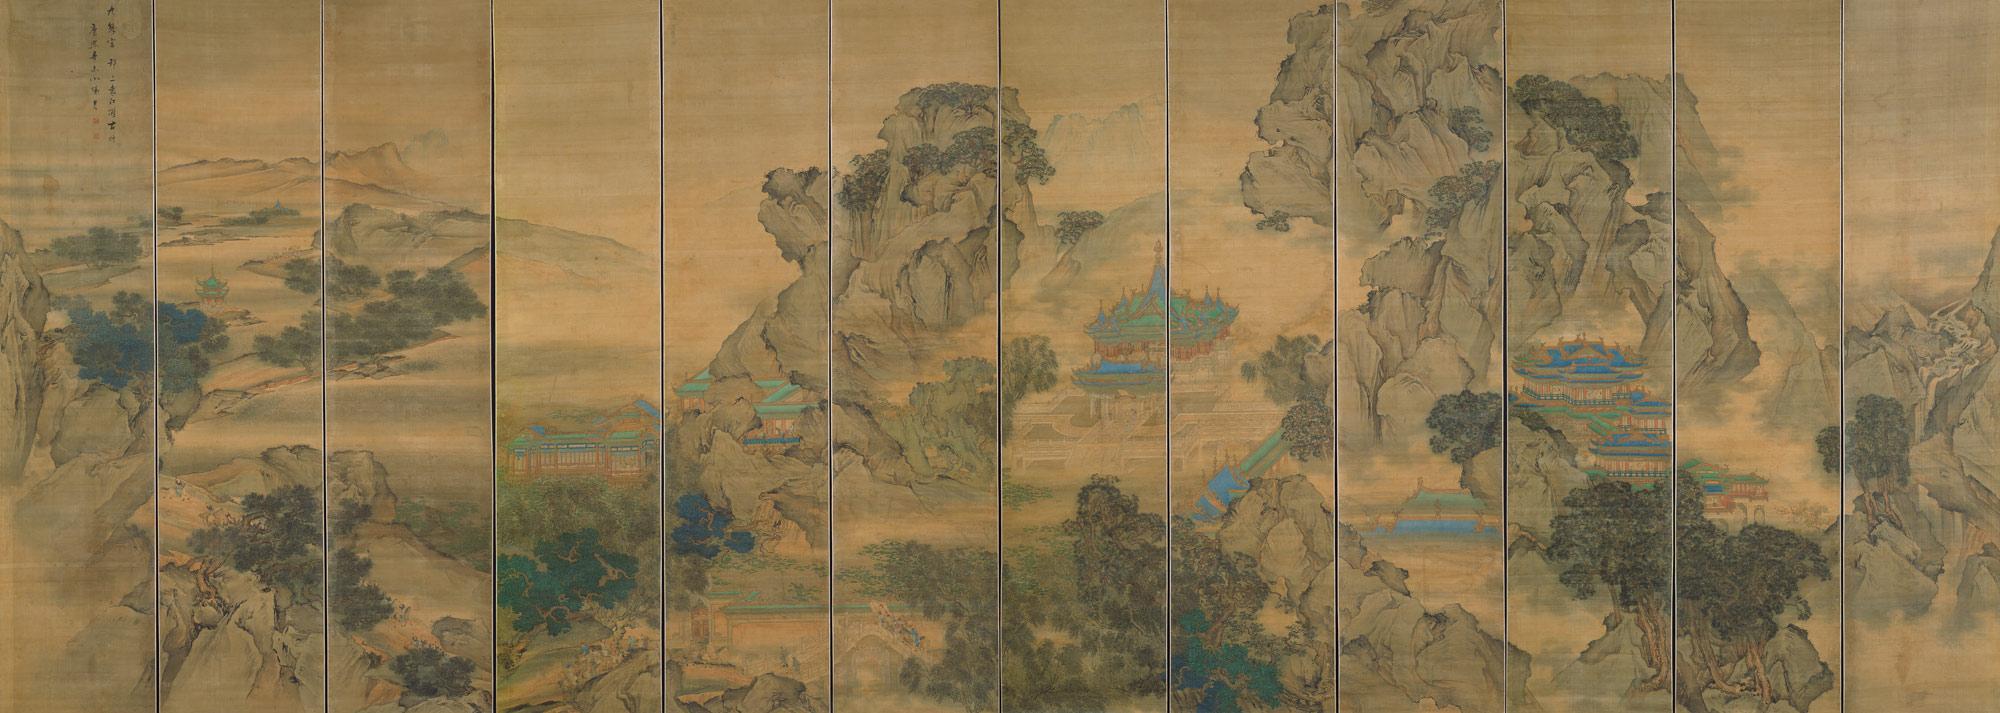 the palace of nine perfections yuan jiang 1982125